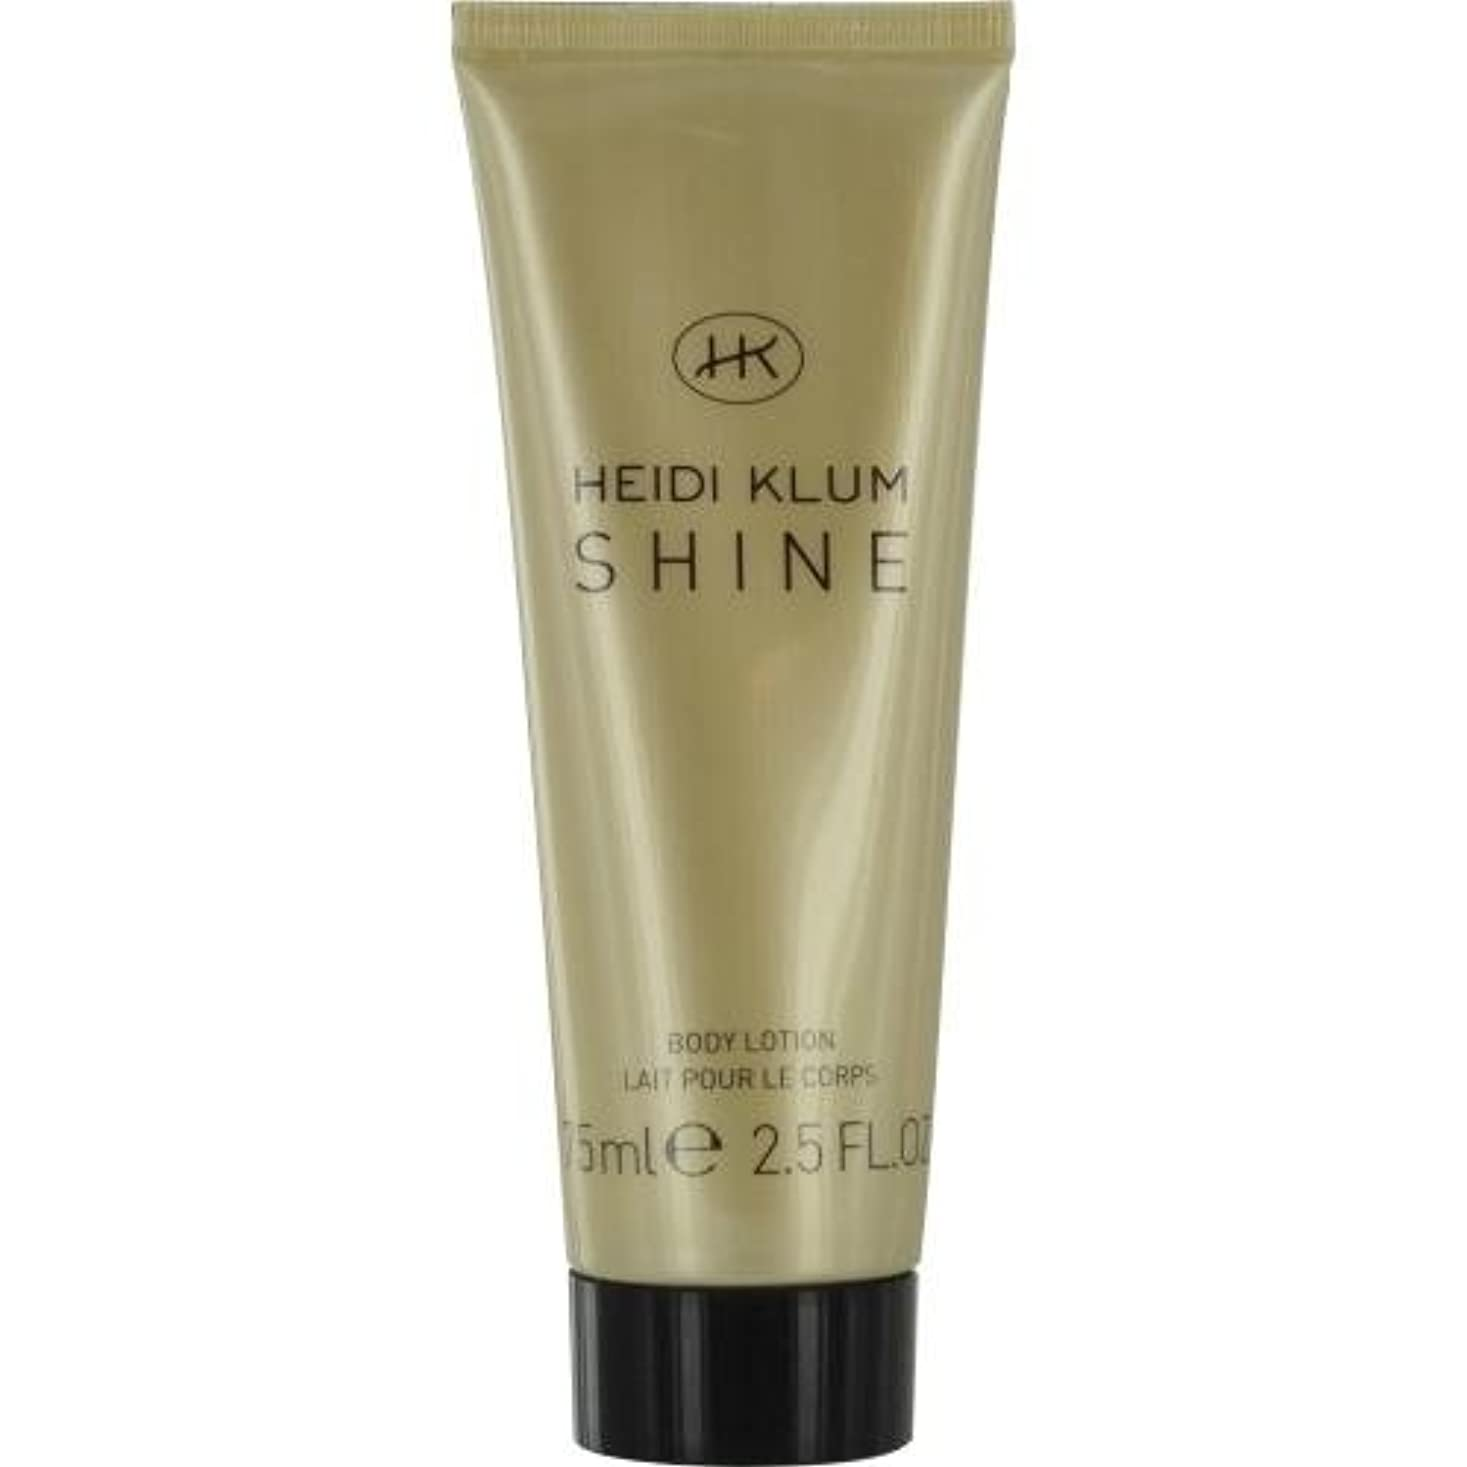 シネウィ平行報奨金HEIDI KLUM SHINE by Heidi Klum BODY LOTION 2.5 OZ for WOMEN by Heidi Klum